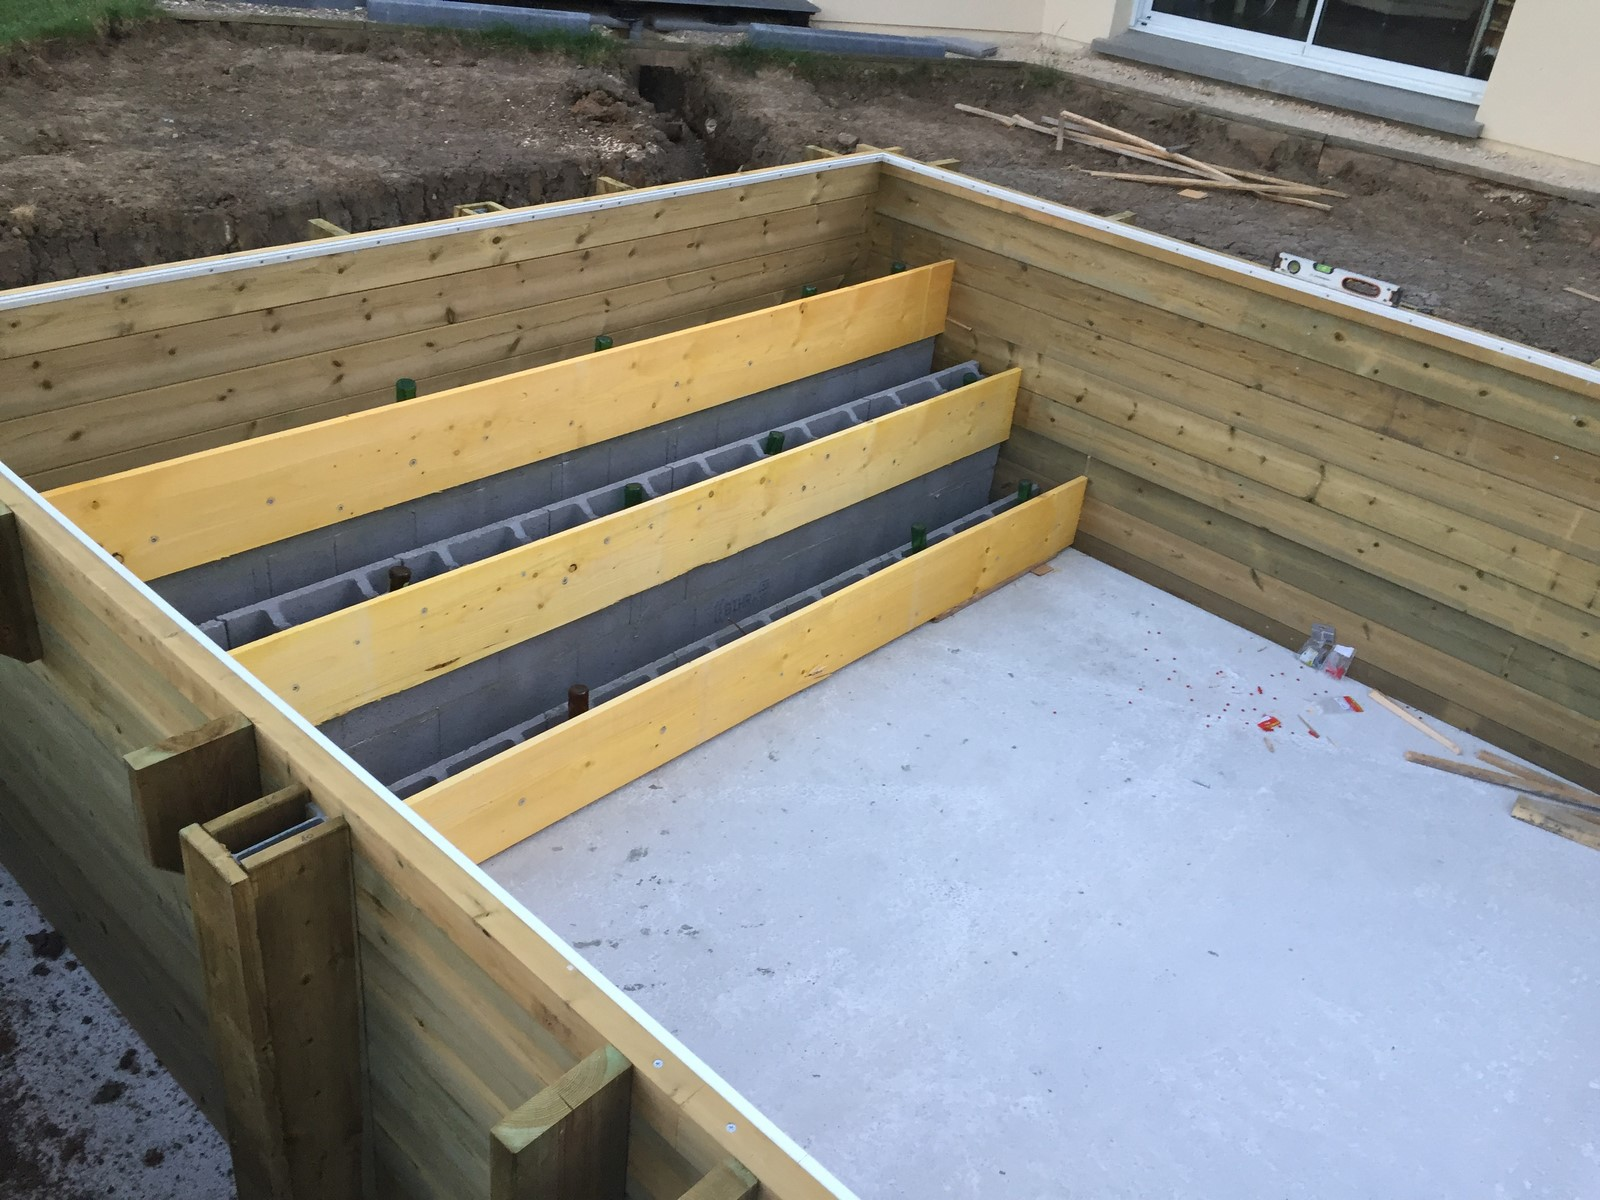 Kit piscine bois hors sol rectangulaire luxe avec escalier 620x420x130 cm decouvrez tous nos - Escalier interieur piscine hors sol ...